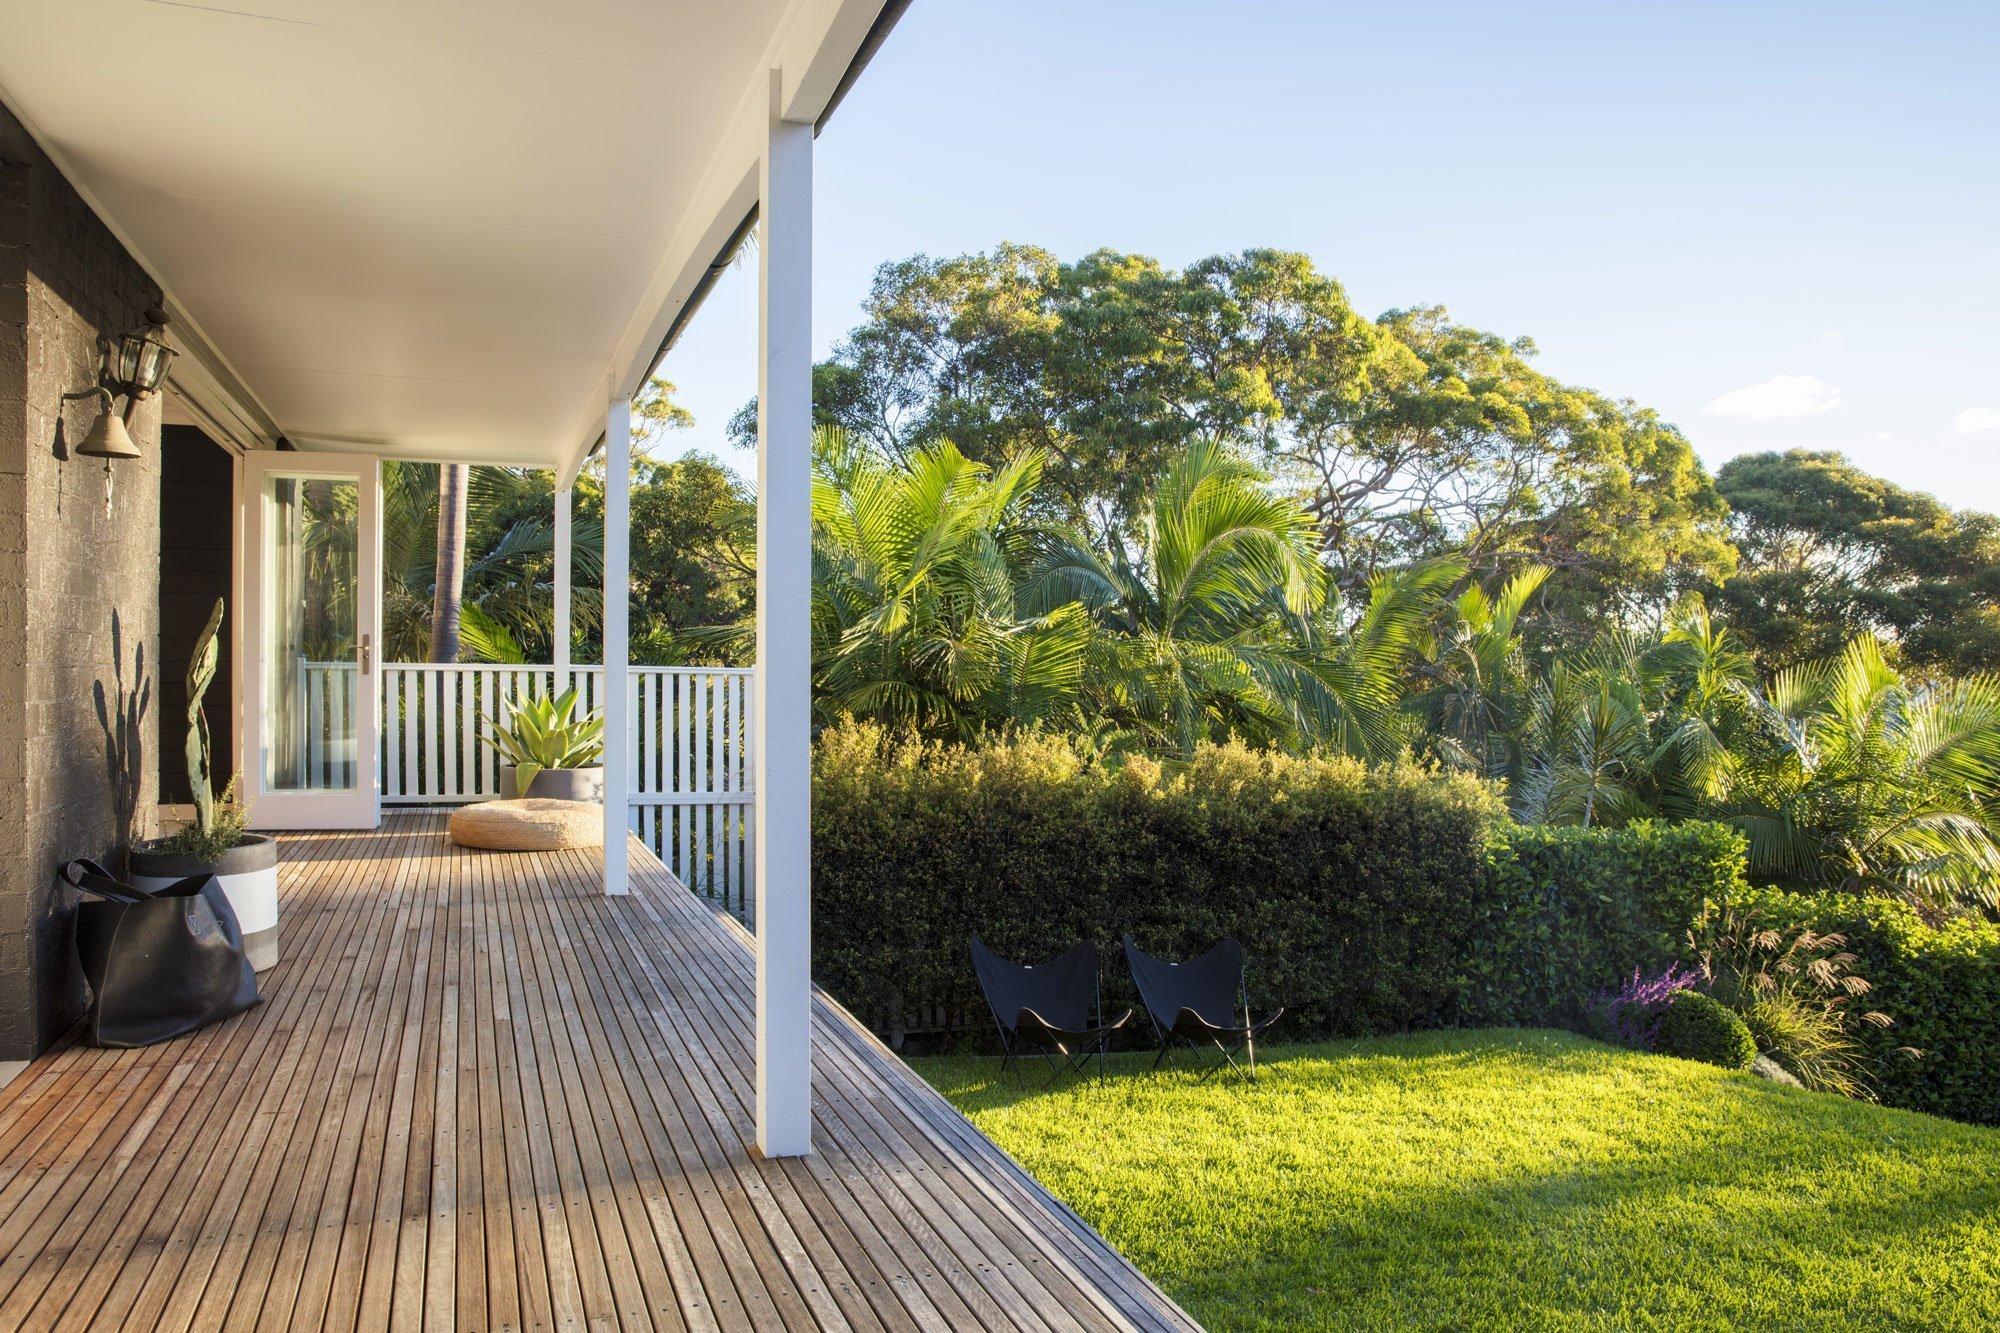 A timber deck onlooking a garden designed backyard